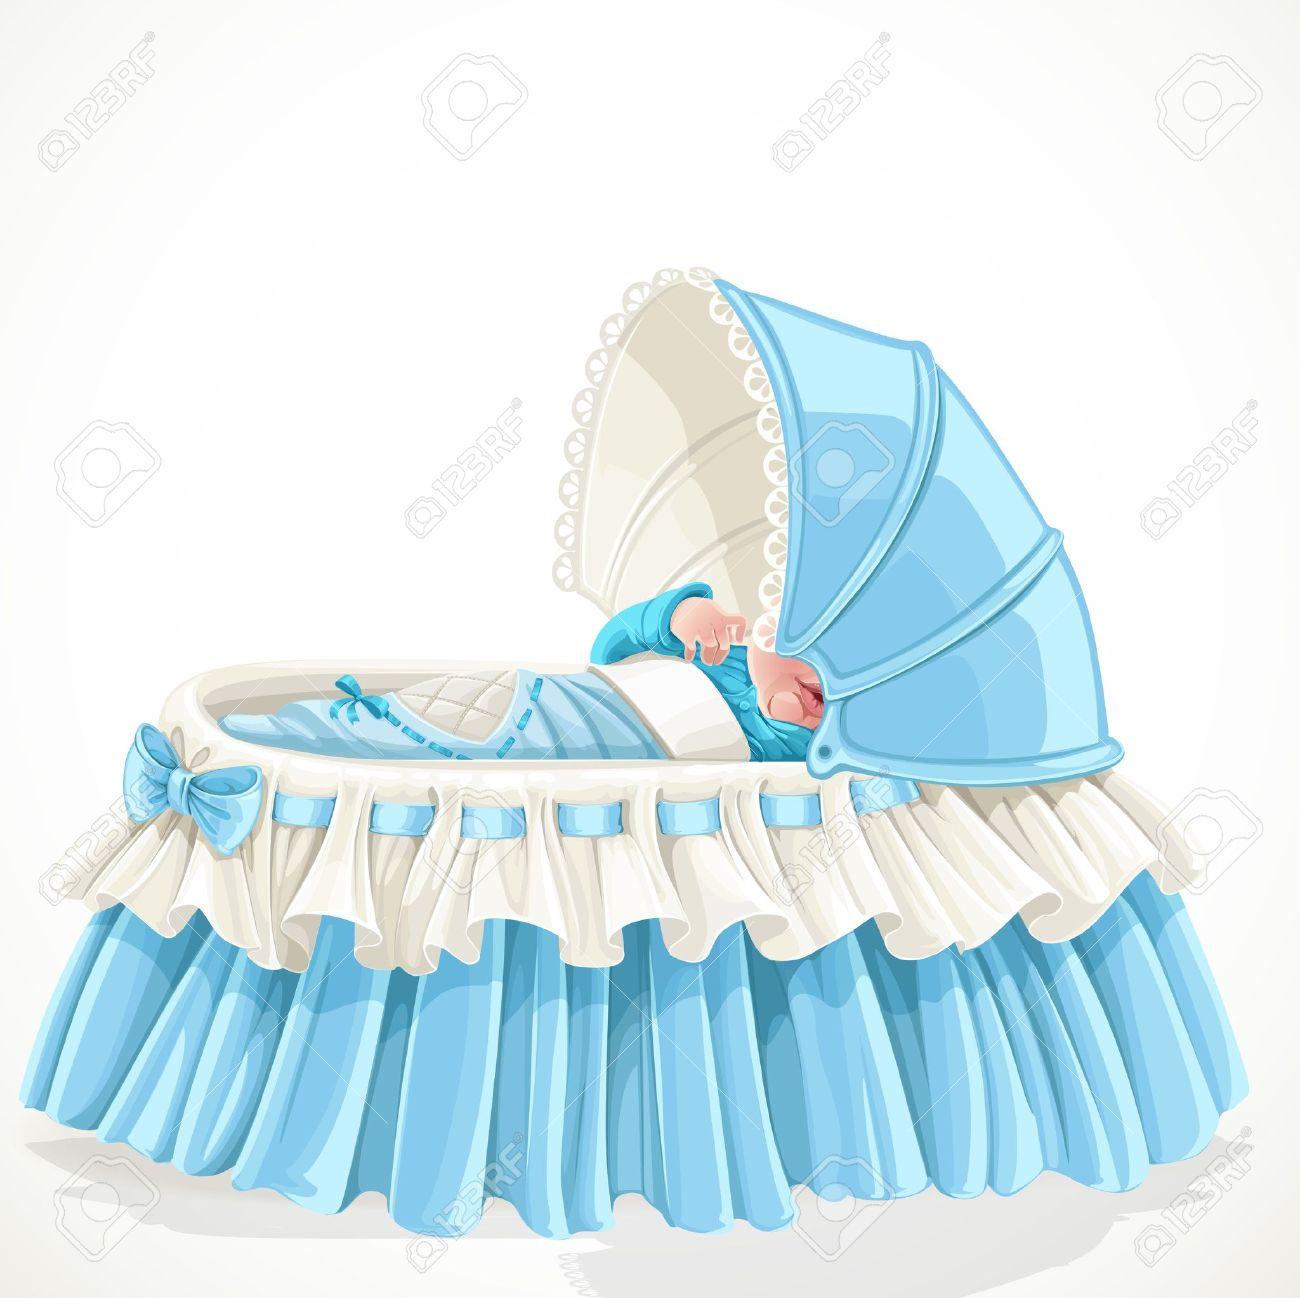 Bebé En Cuna Azul Aislado Sobre Fondo Blanco Ilustraciones ...